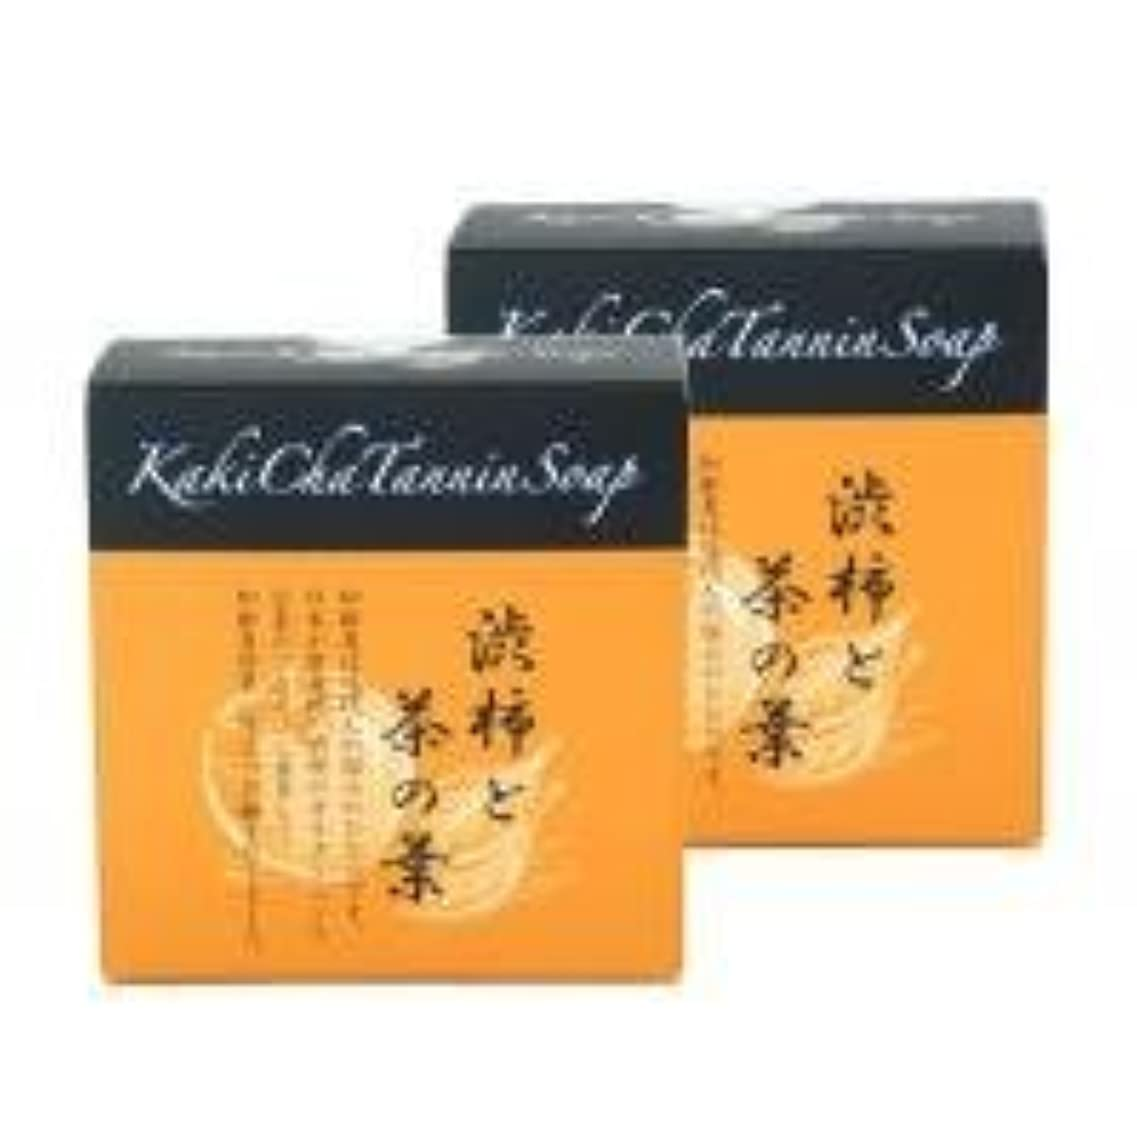 にぎやかかんがい再撮り柿茶タンニンソープ(100g)×2個 K00024W